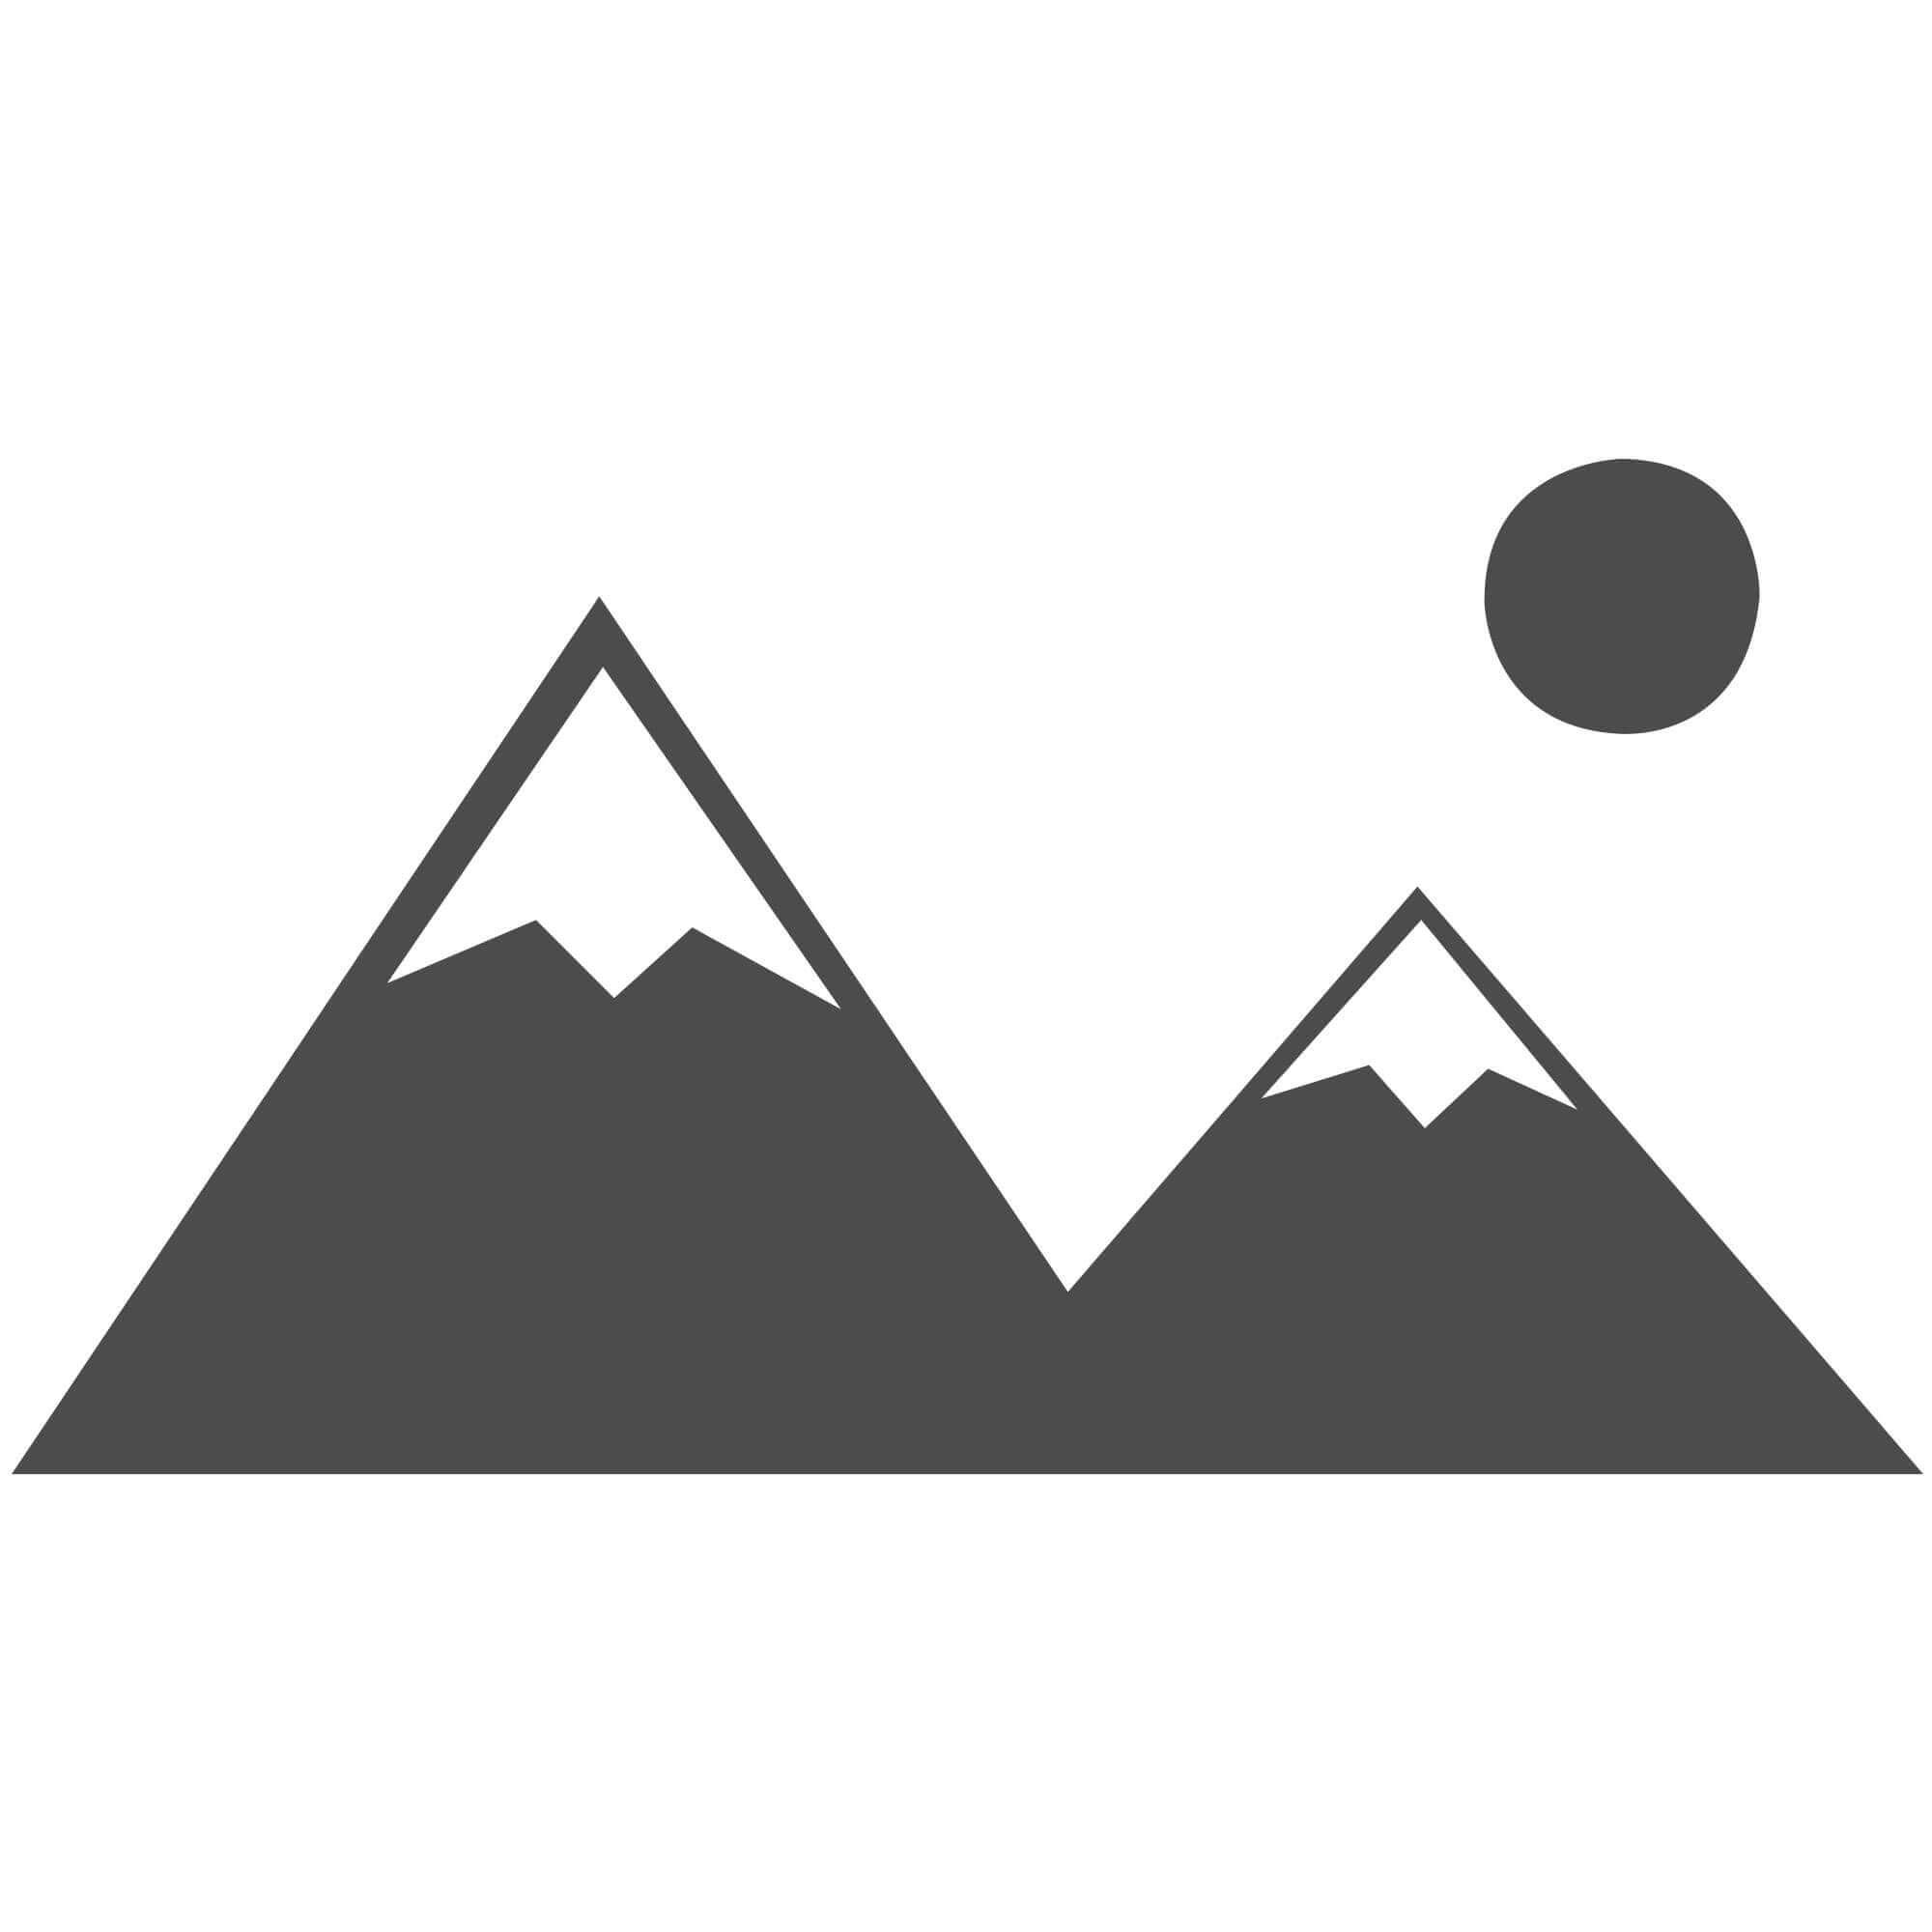 """Velvet Shaggy Rug - Peach - Size 160 x 230 cm (5'3"""" x 7'7"""")"""